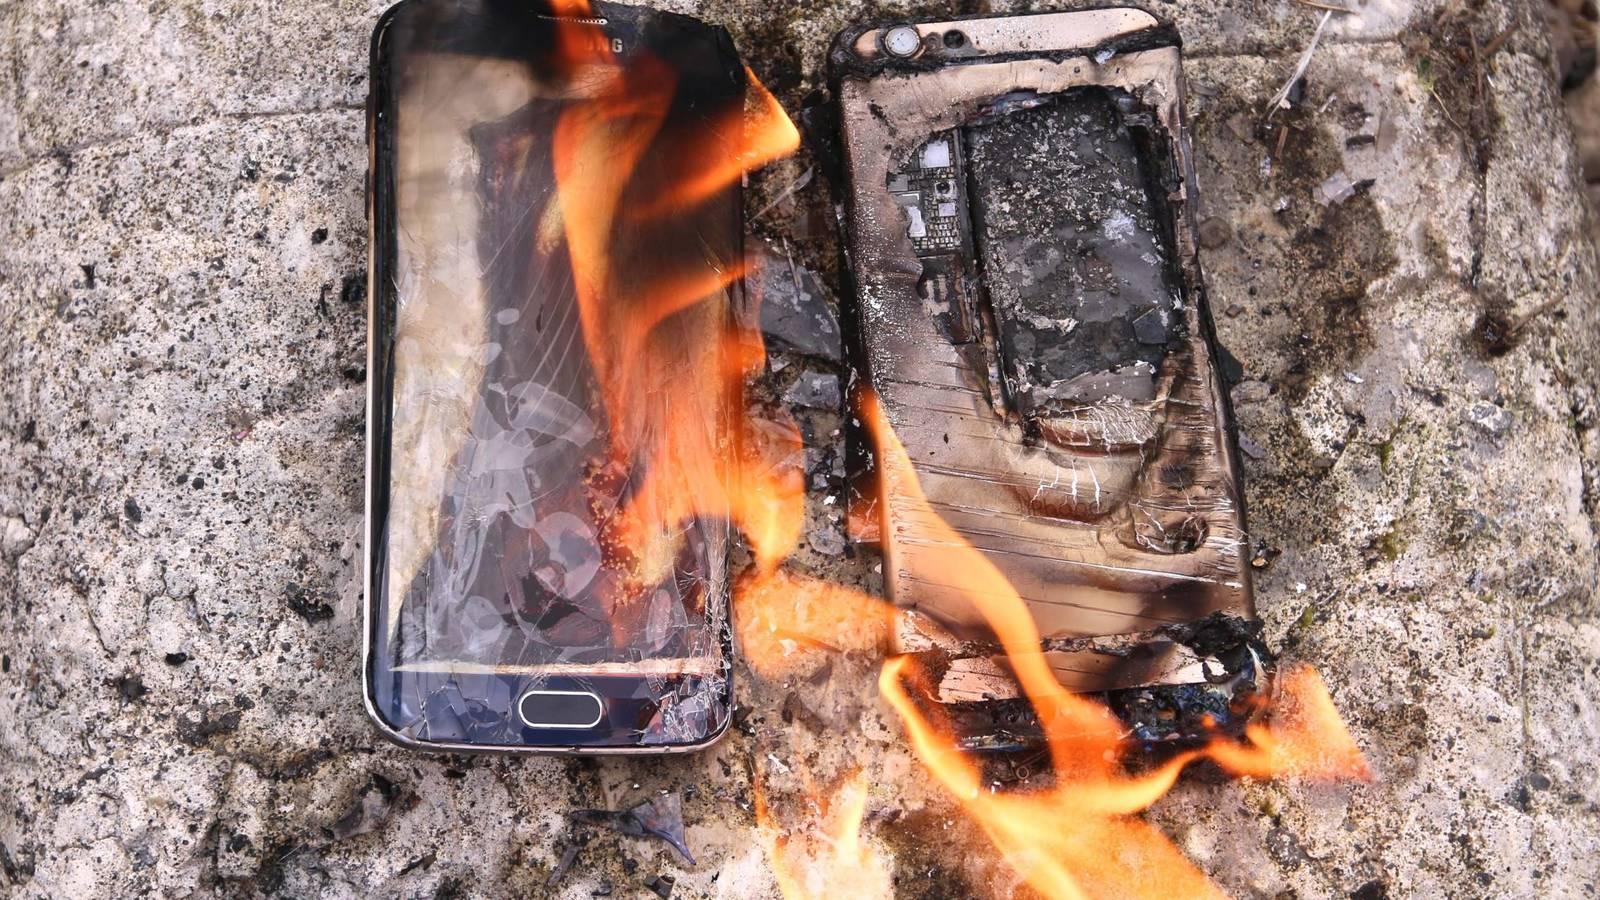 Telefoni Samsung che esplodono. Signori terra per terra! 2